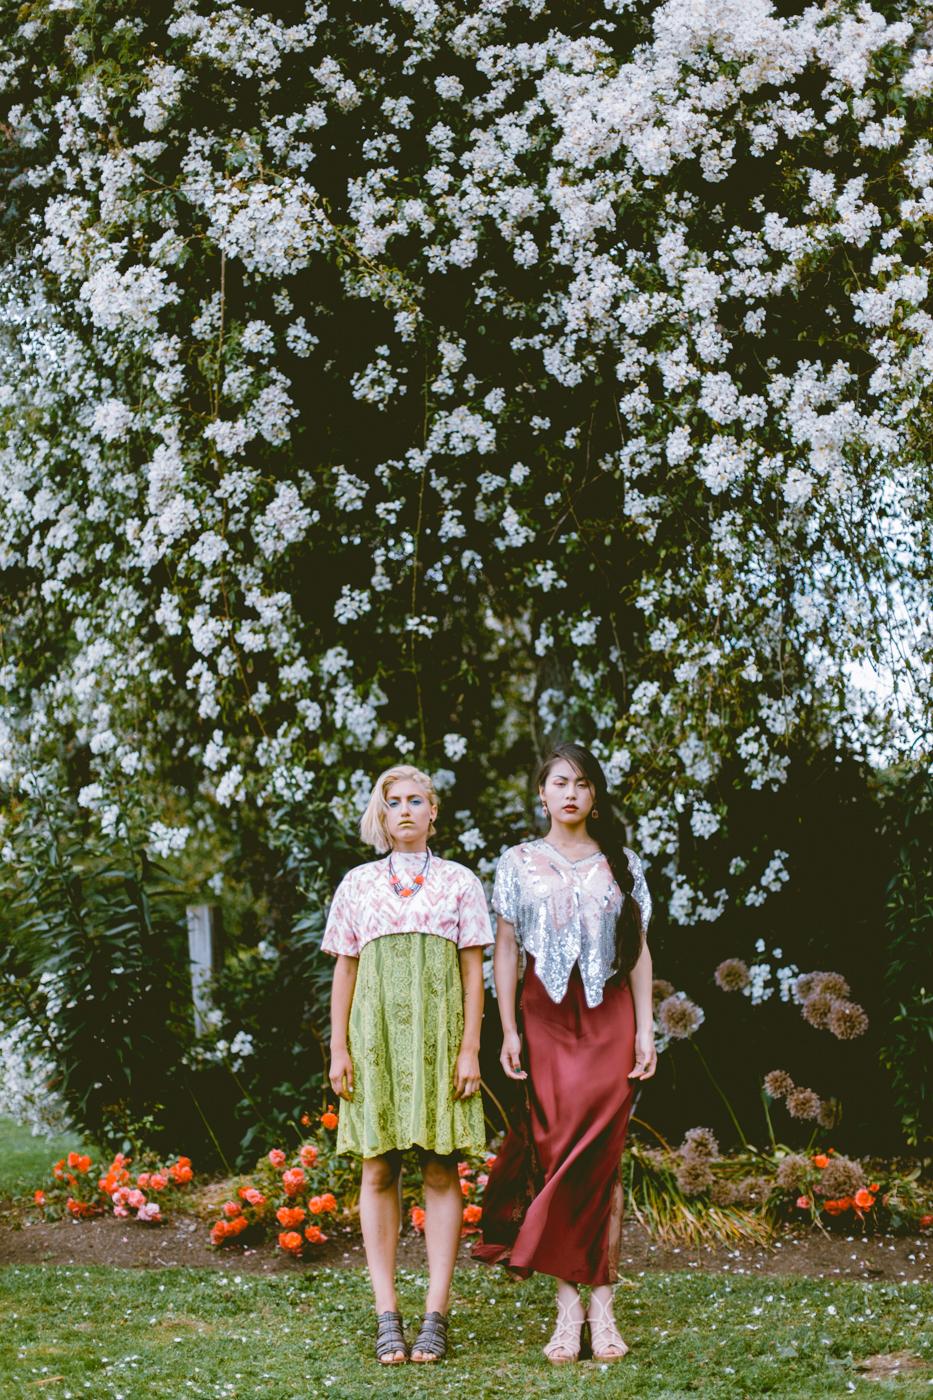 140626_Ilka_Frida_140626_boho_girls_1645.jpg